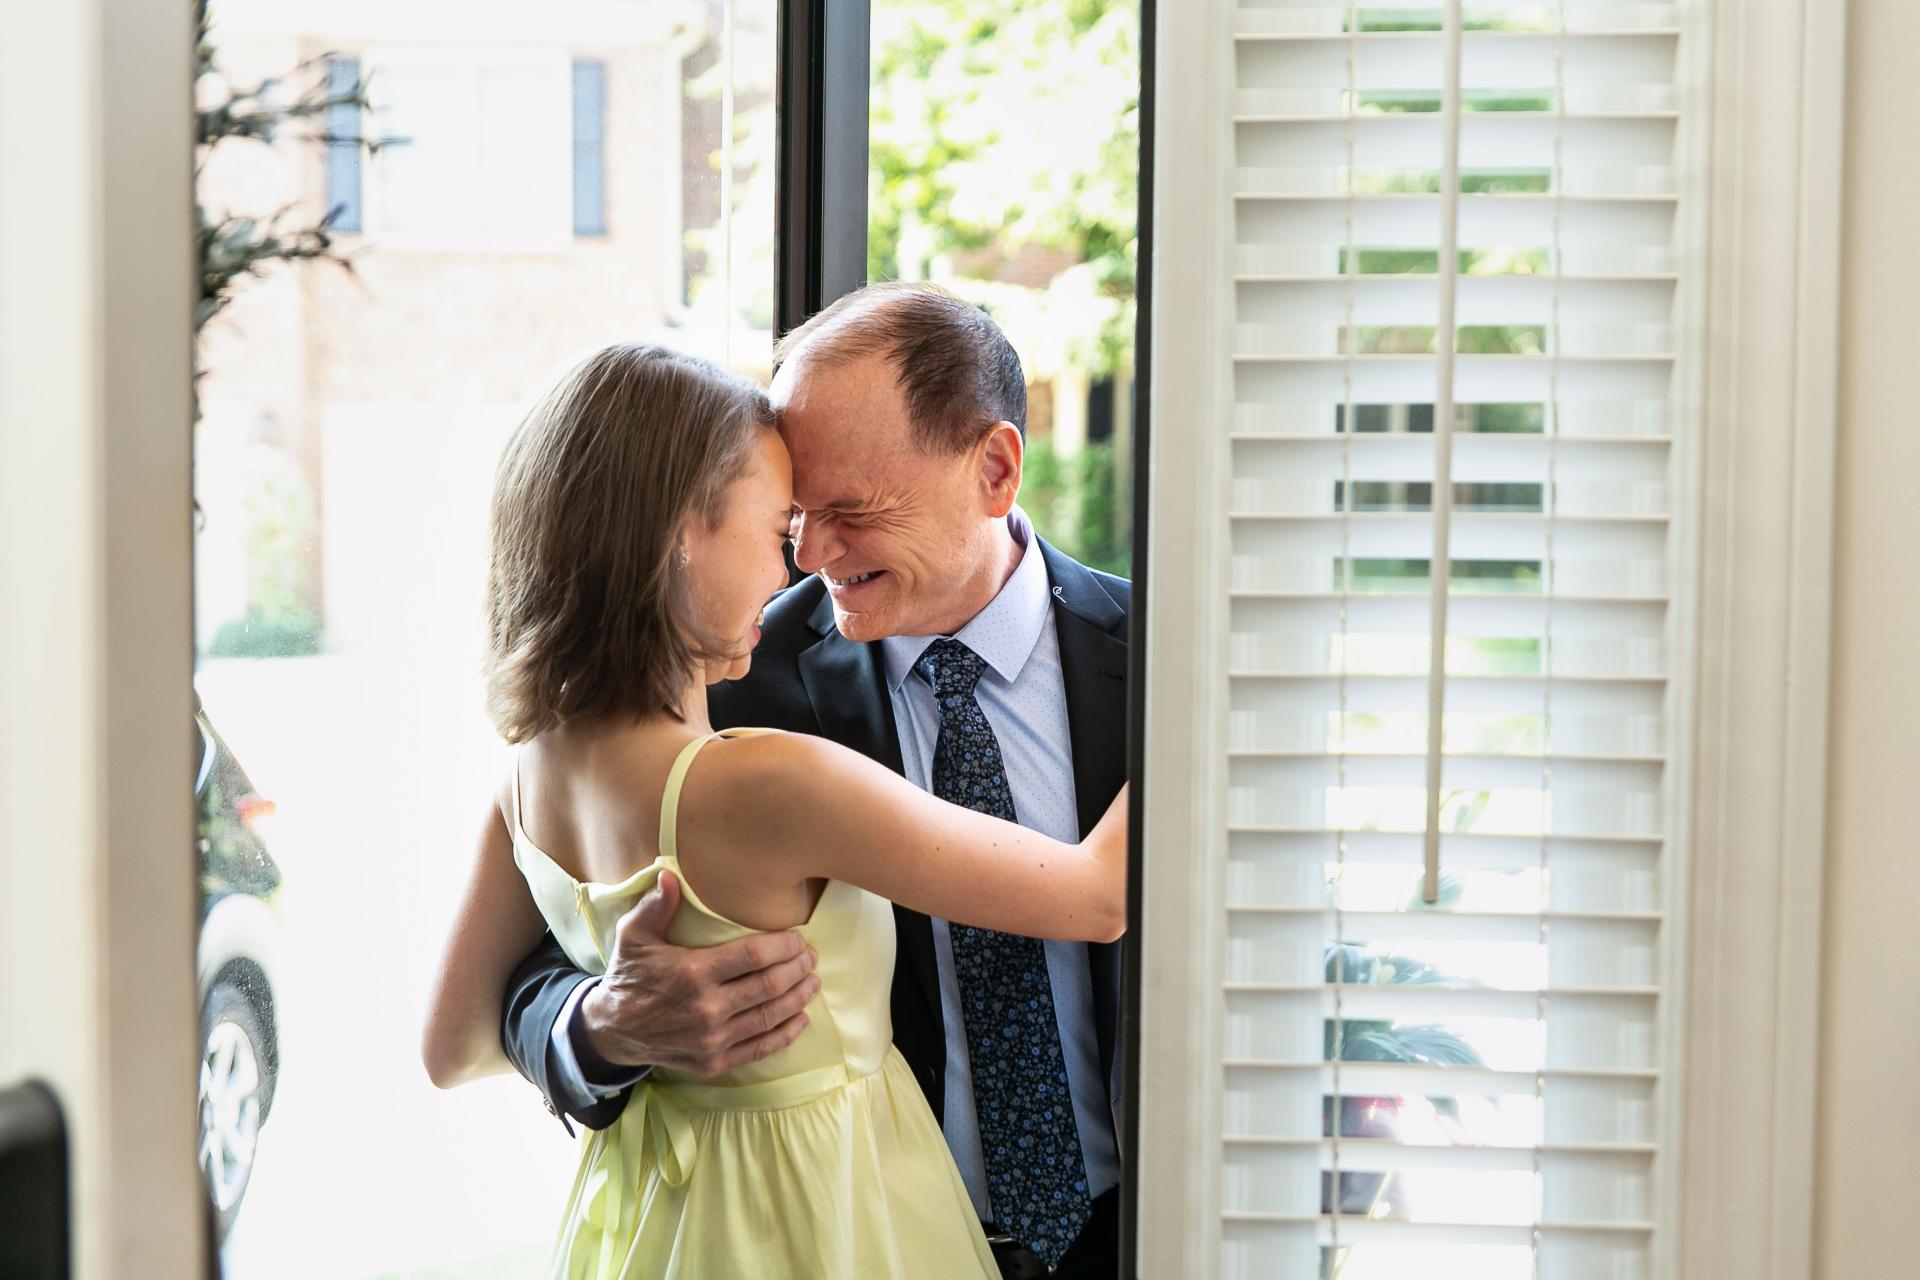 Backyard Elopement Picture - FOB | Papa accueille sa petite-fille quand il arrive pour le mariage